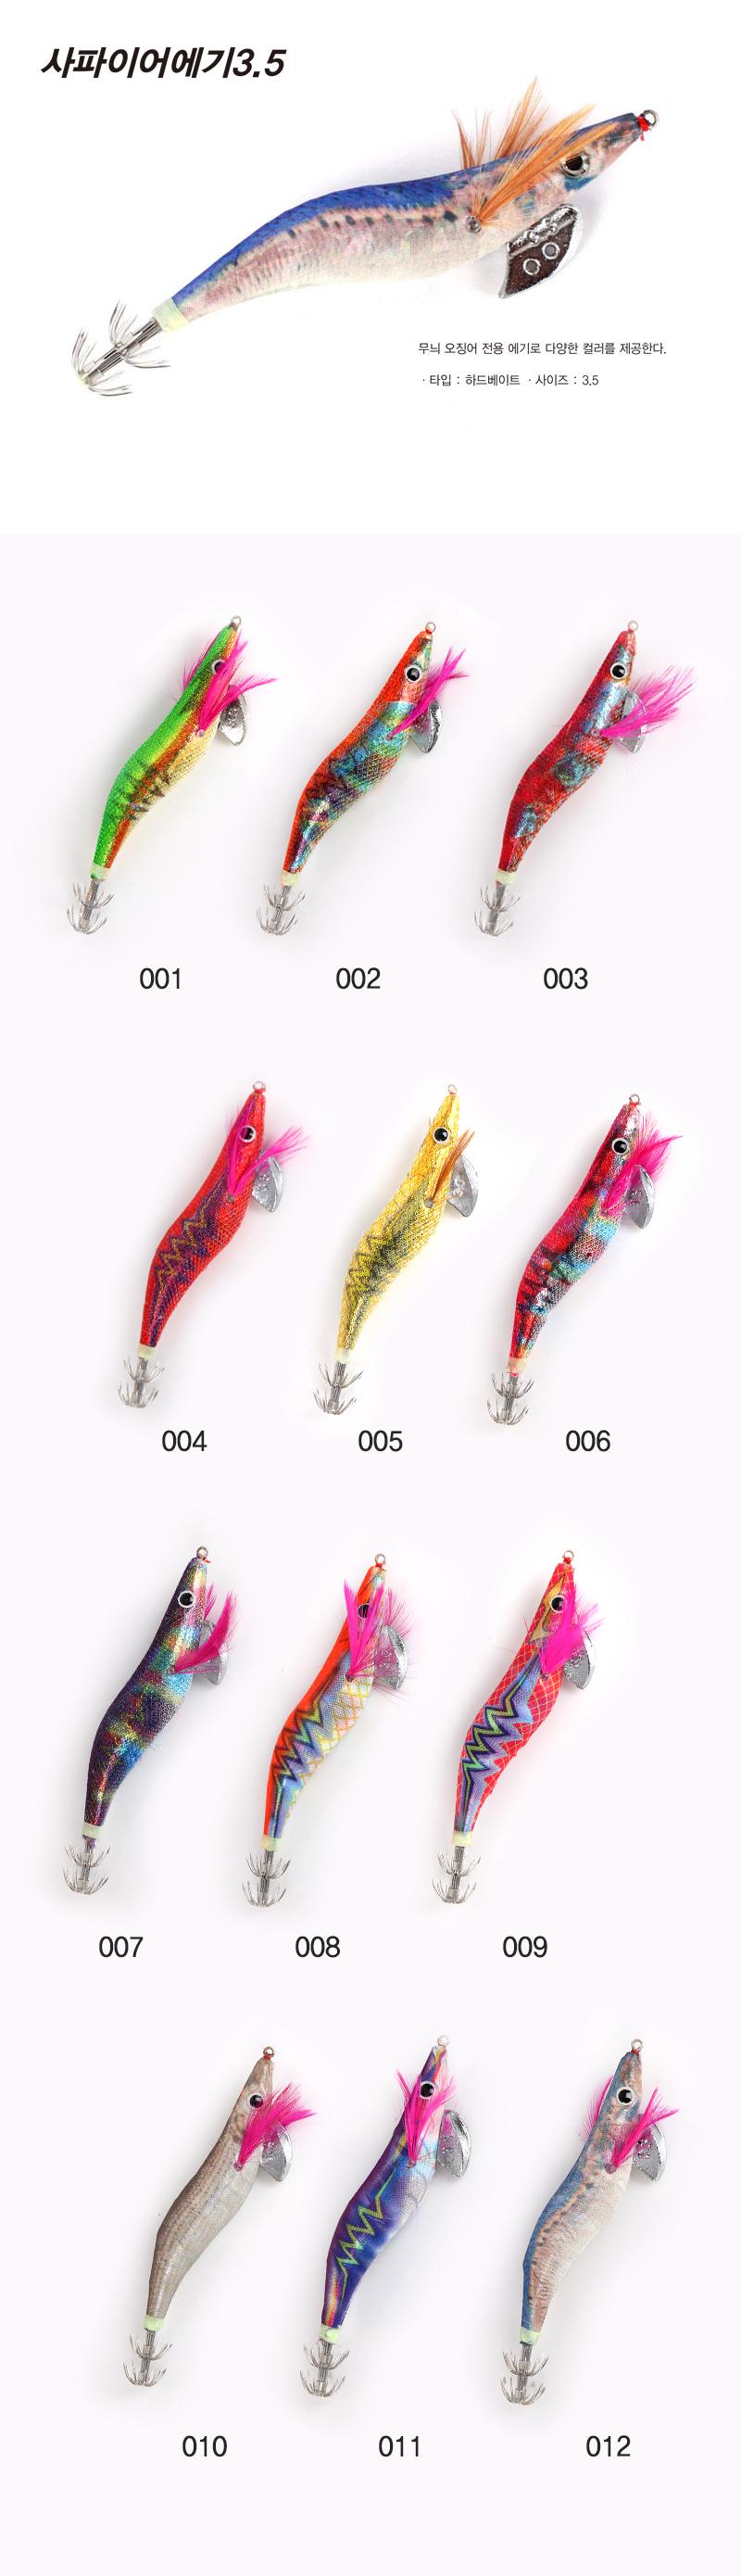 탑캐스팅 사파이어에기 3.5호 무늬오징어루어 무늬오징어애기 무늬오징어에기 무늬애기 무늬에기 애깅루어 에깅루어 에기 슷테 슷테에기 애깅 에깅